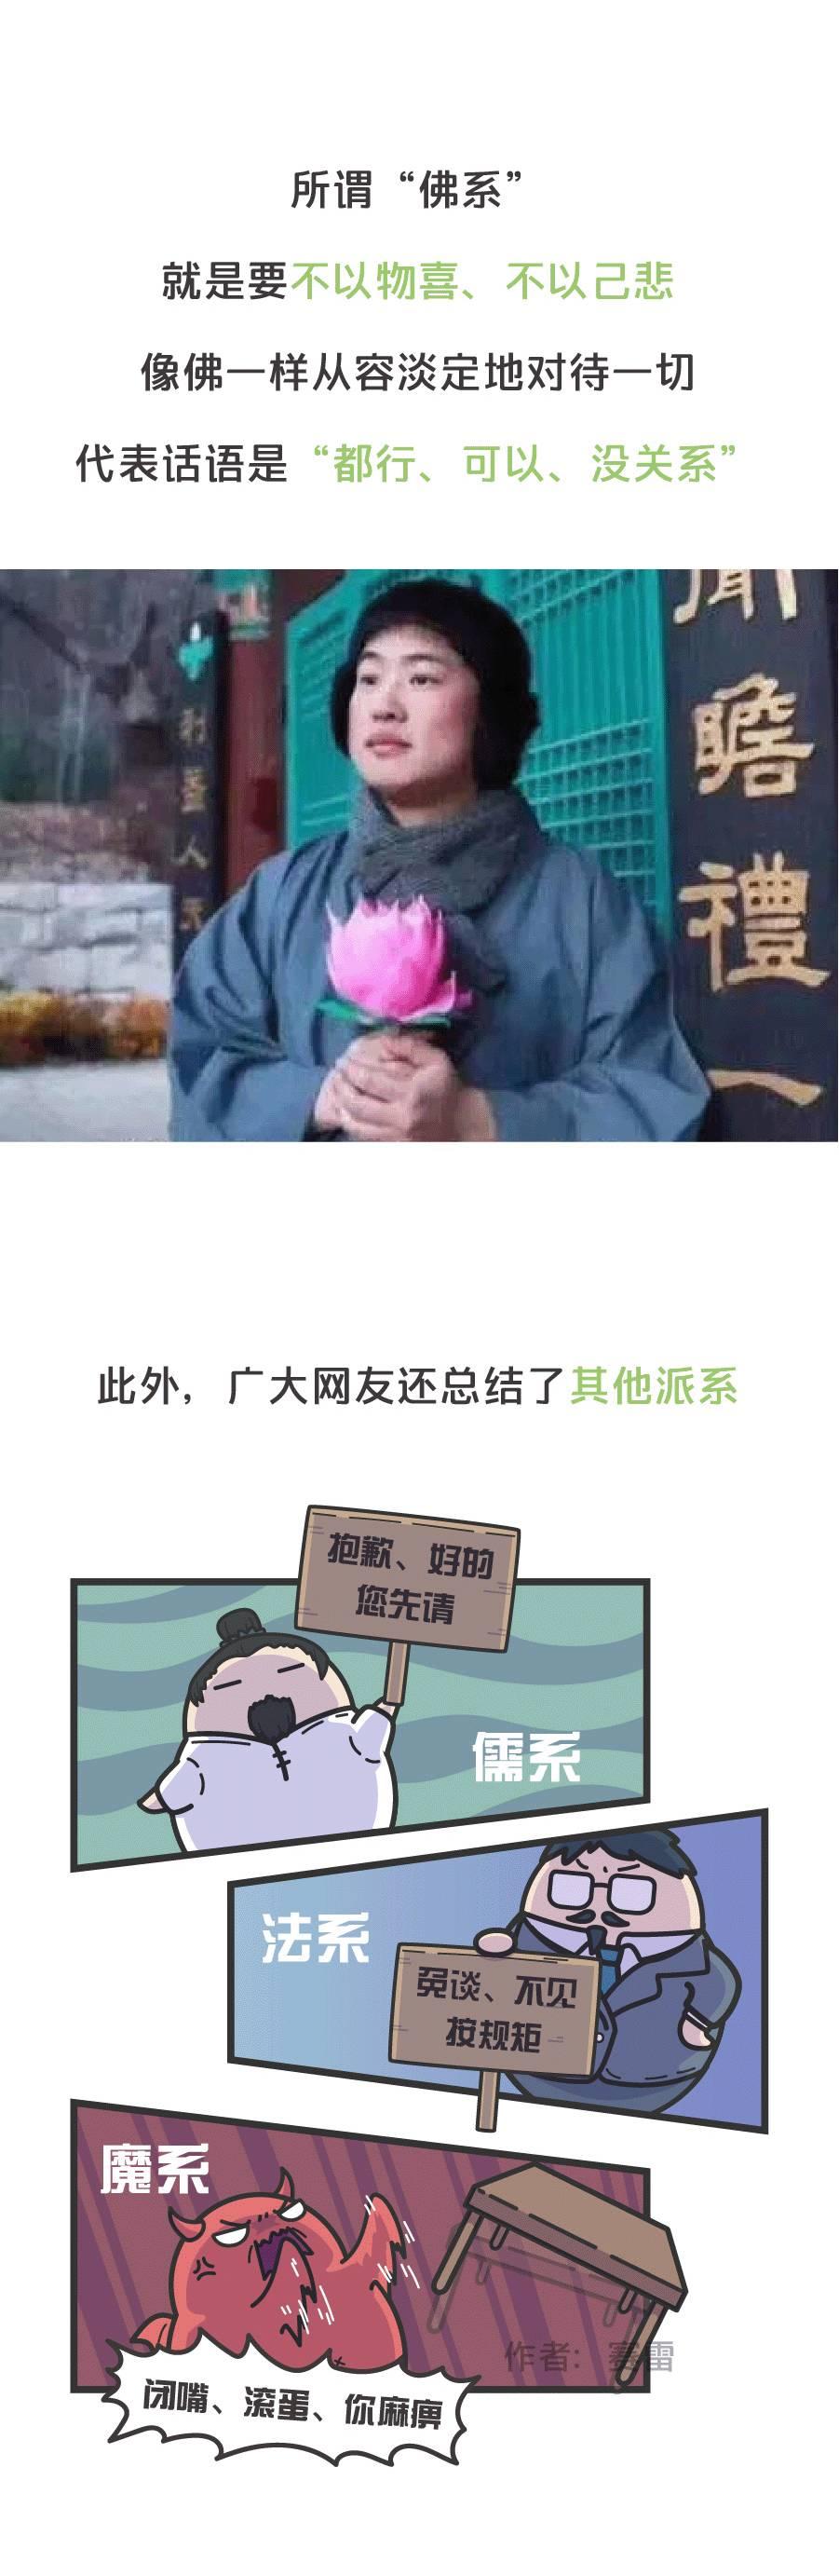 og视讯官网 4